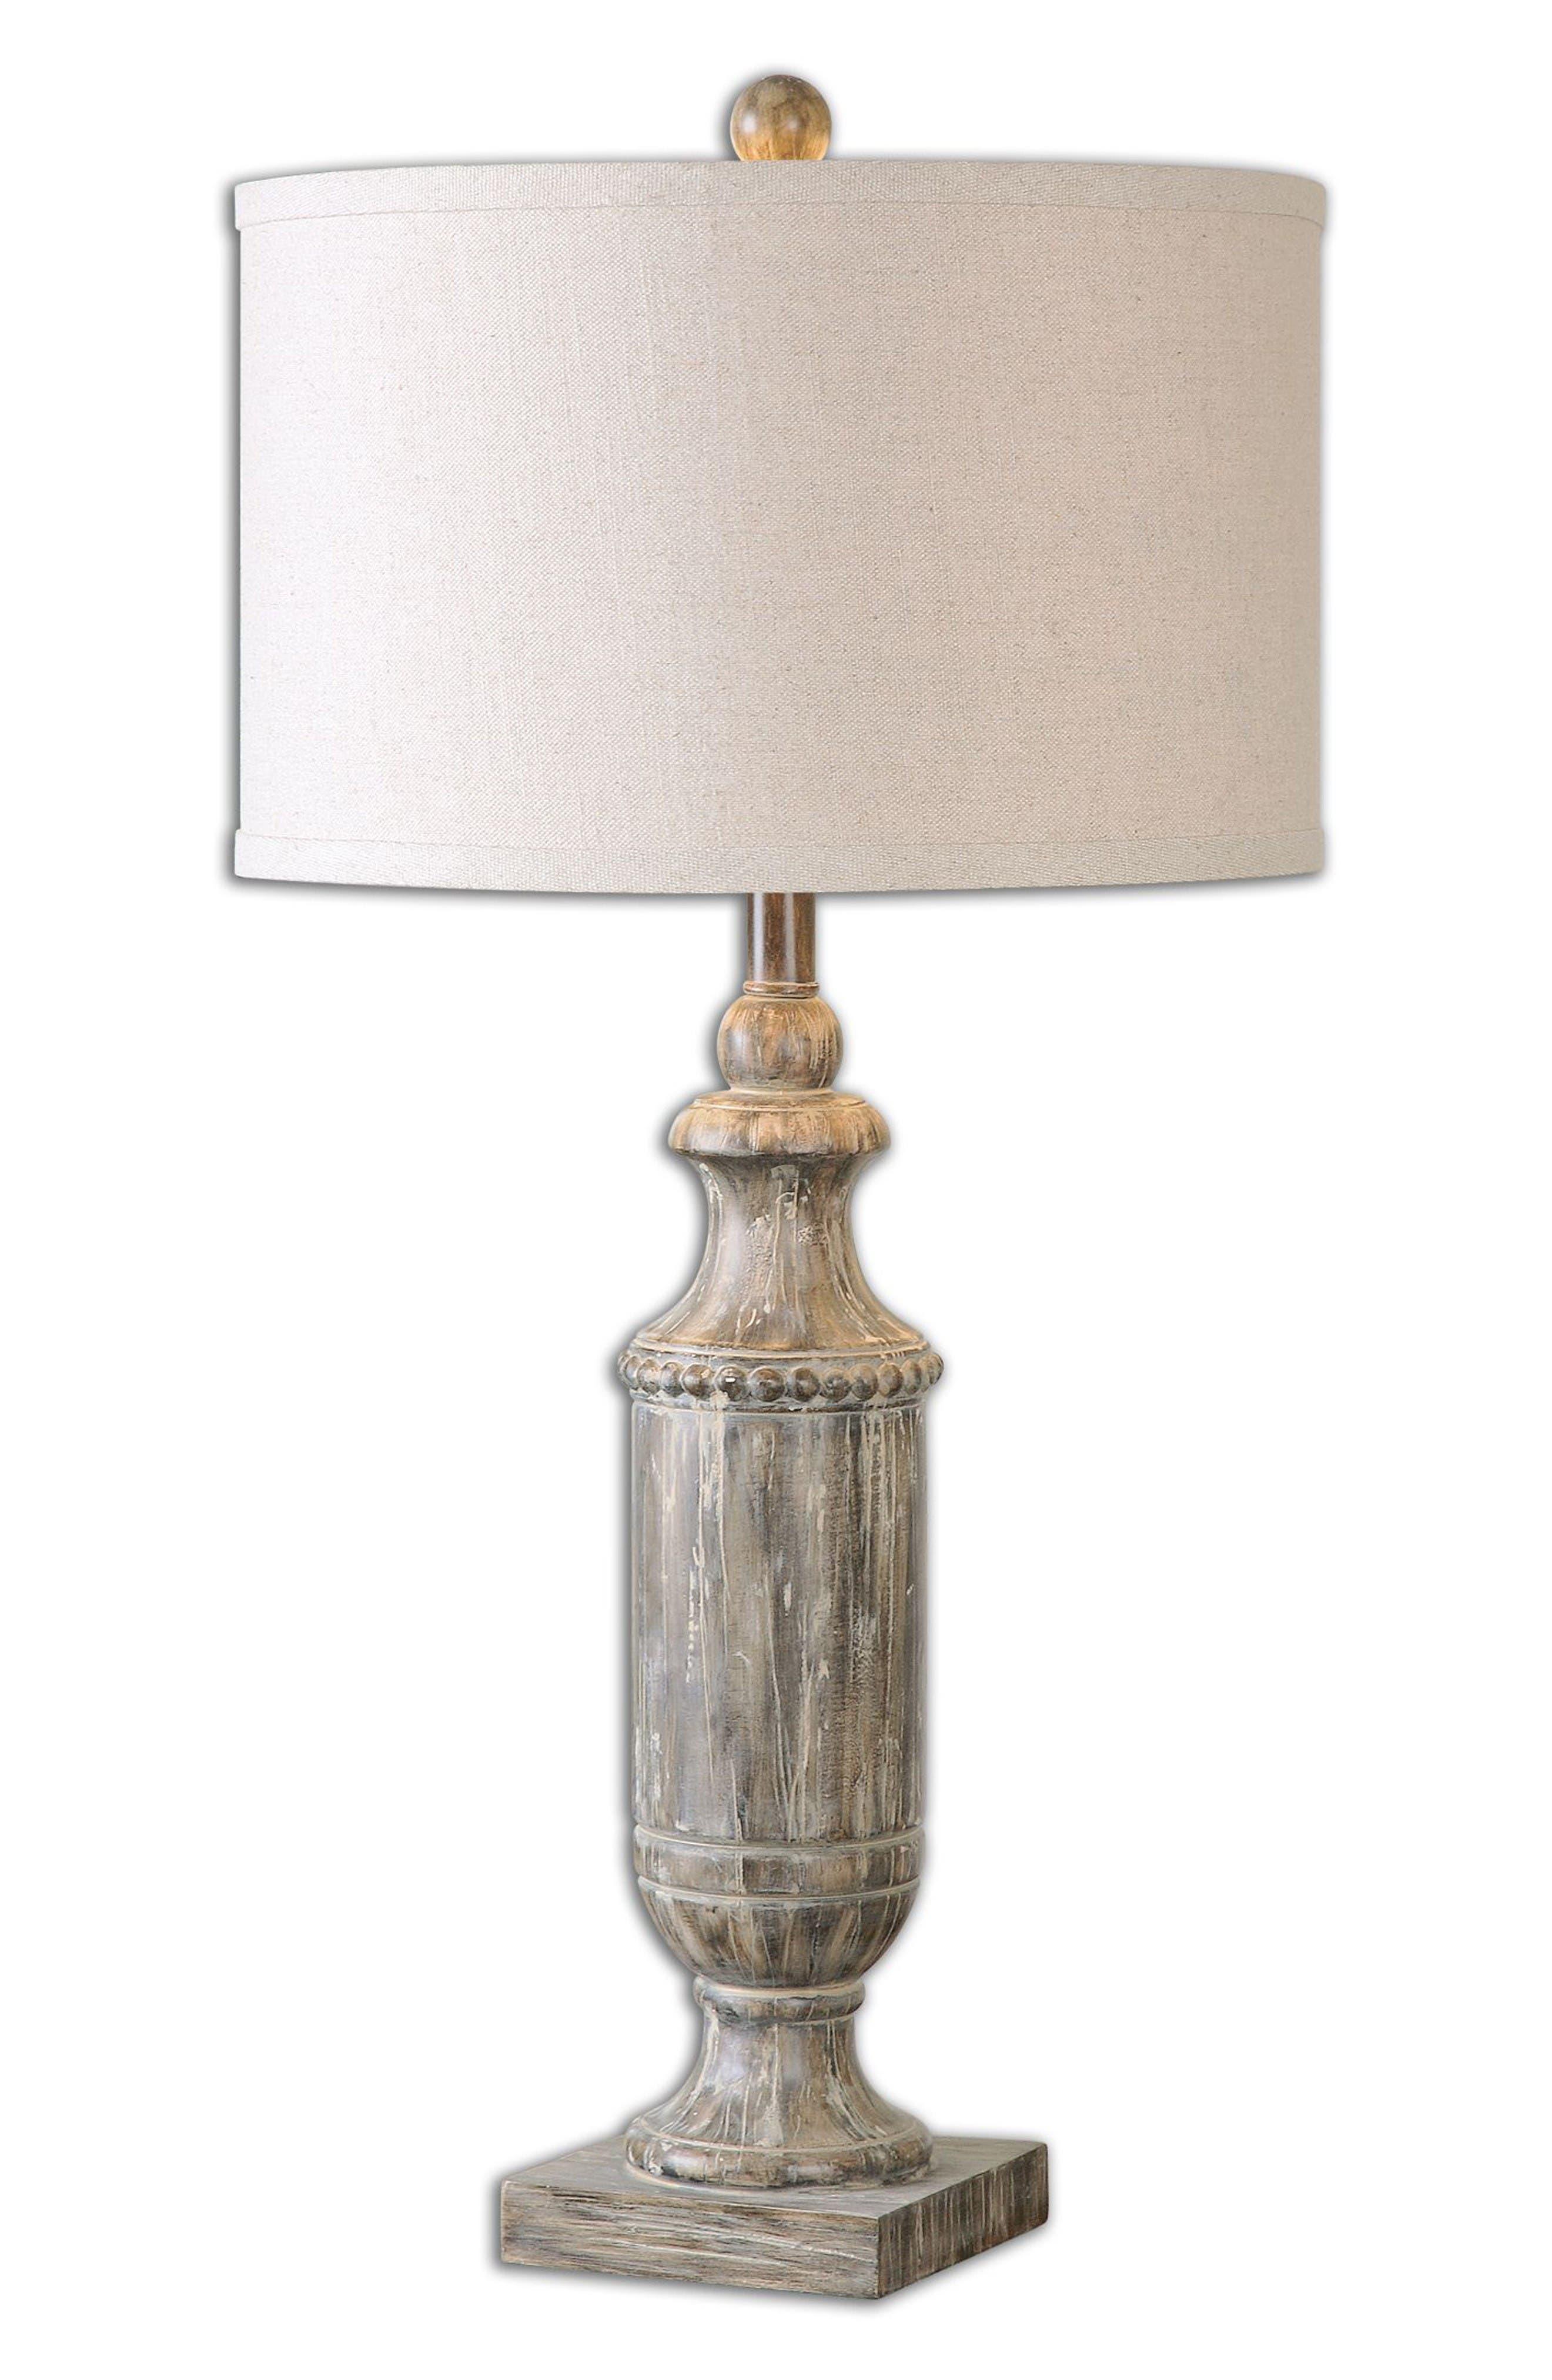 Uttermost Agliano Table Lamp